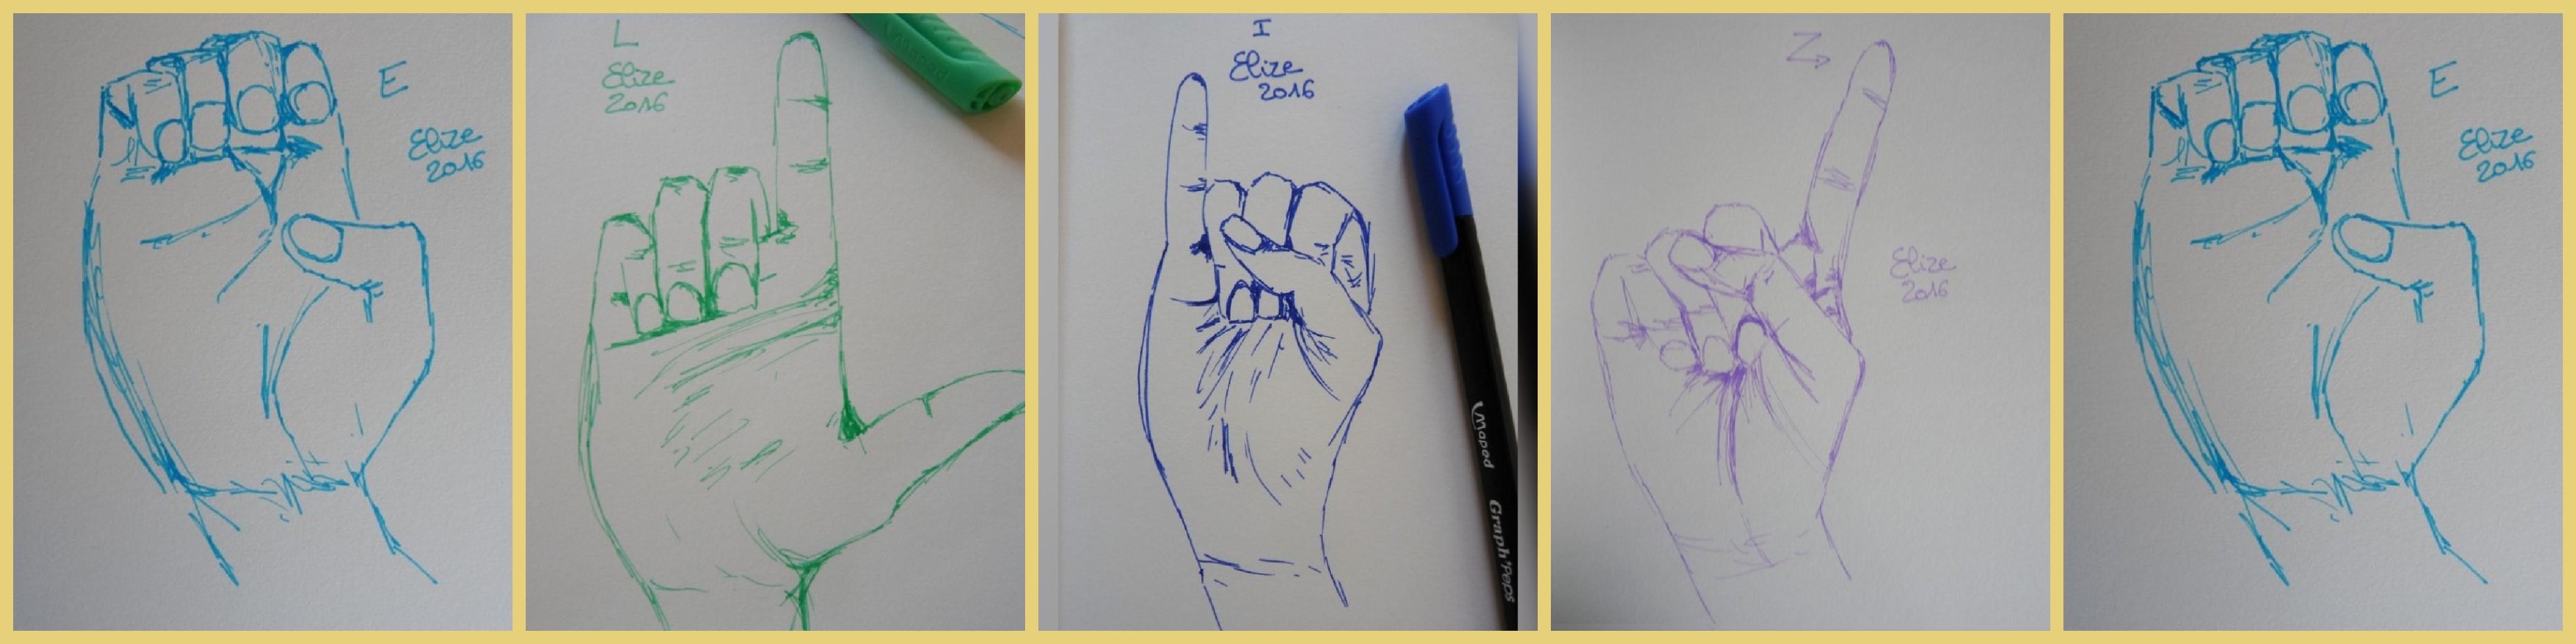 alphabet en langue des signes francaise dessin main feutre stylo elize